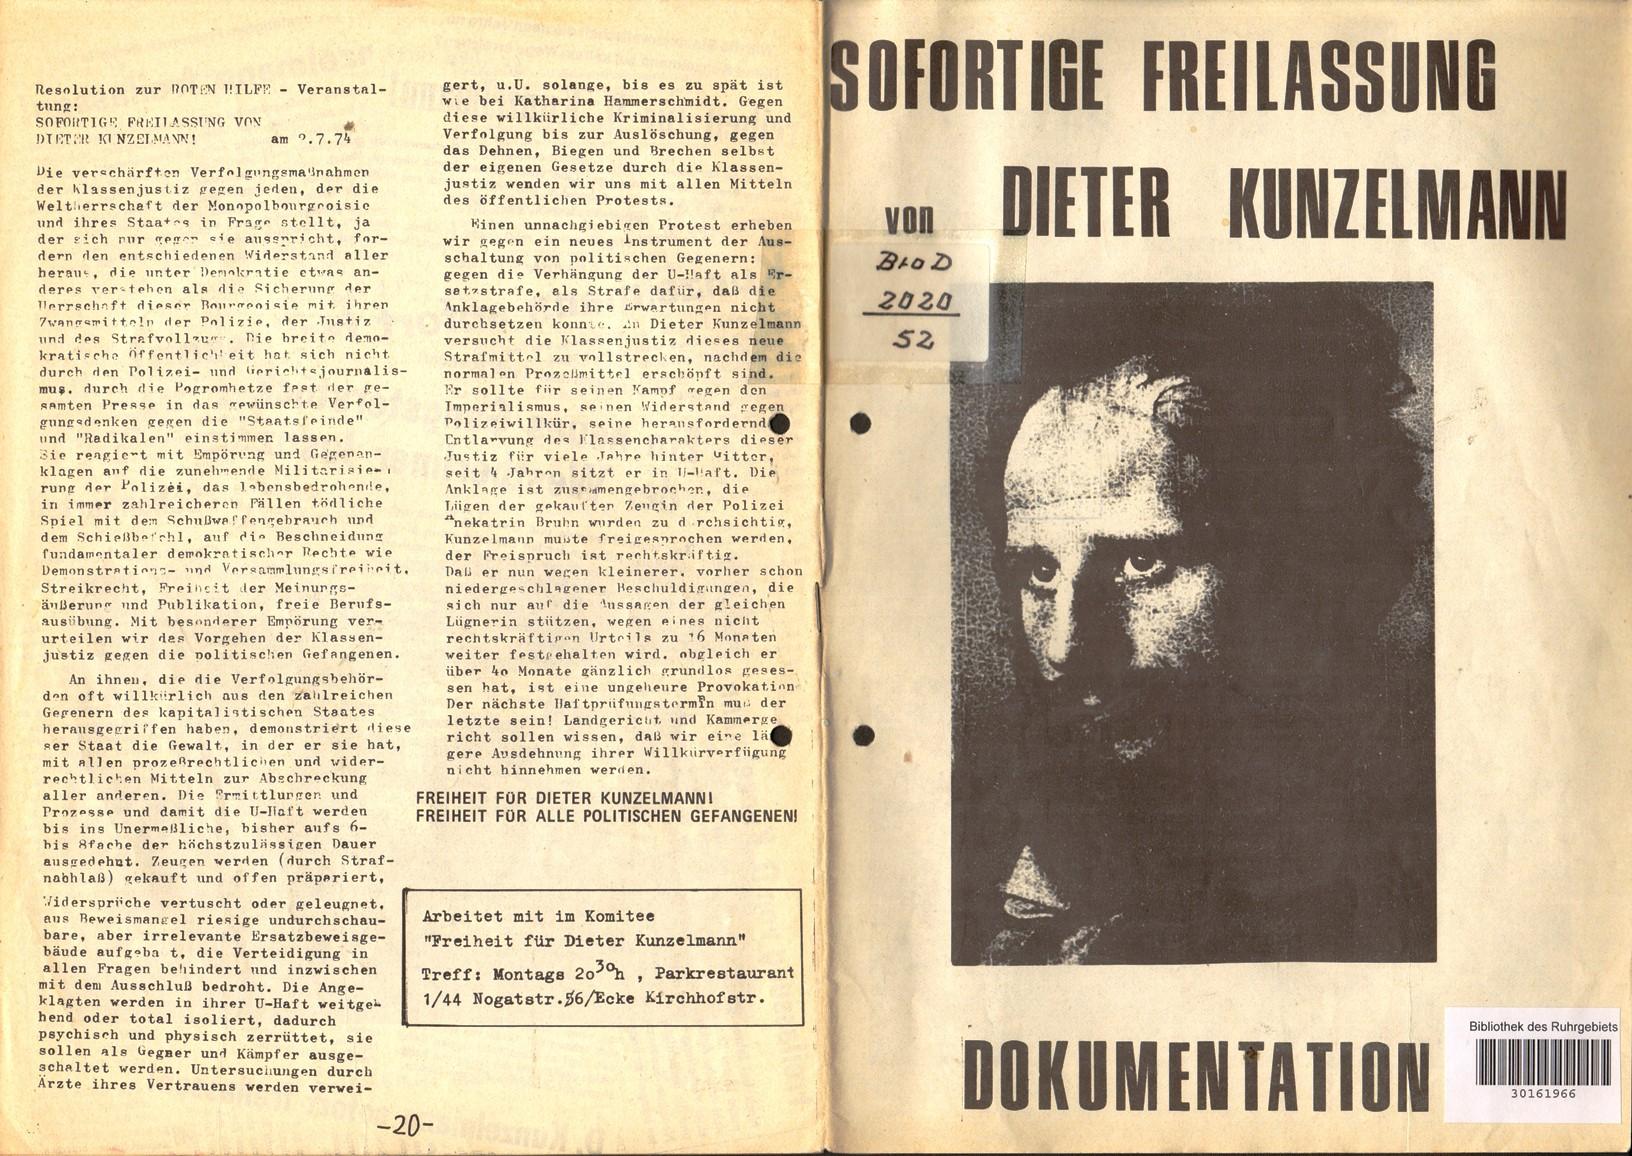 Berlin_RH_1974_Doku_Kunzelmann_1_01